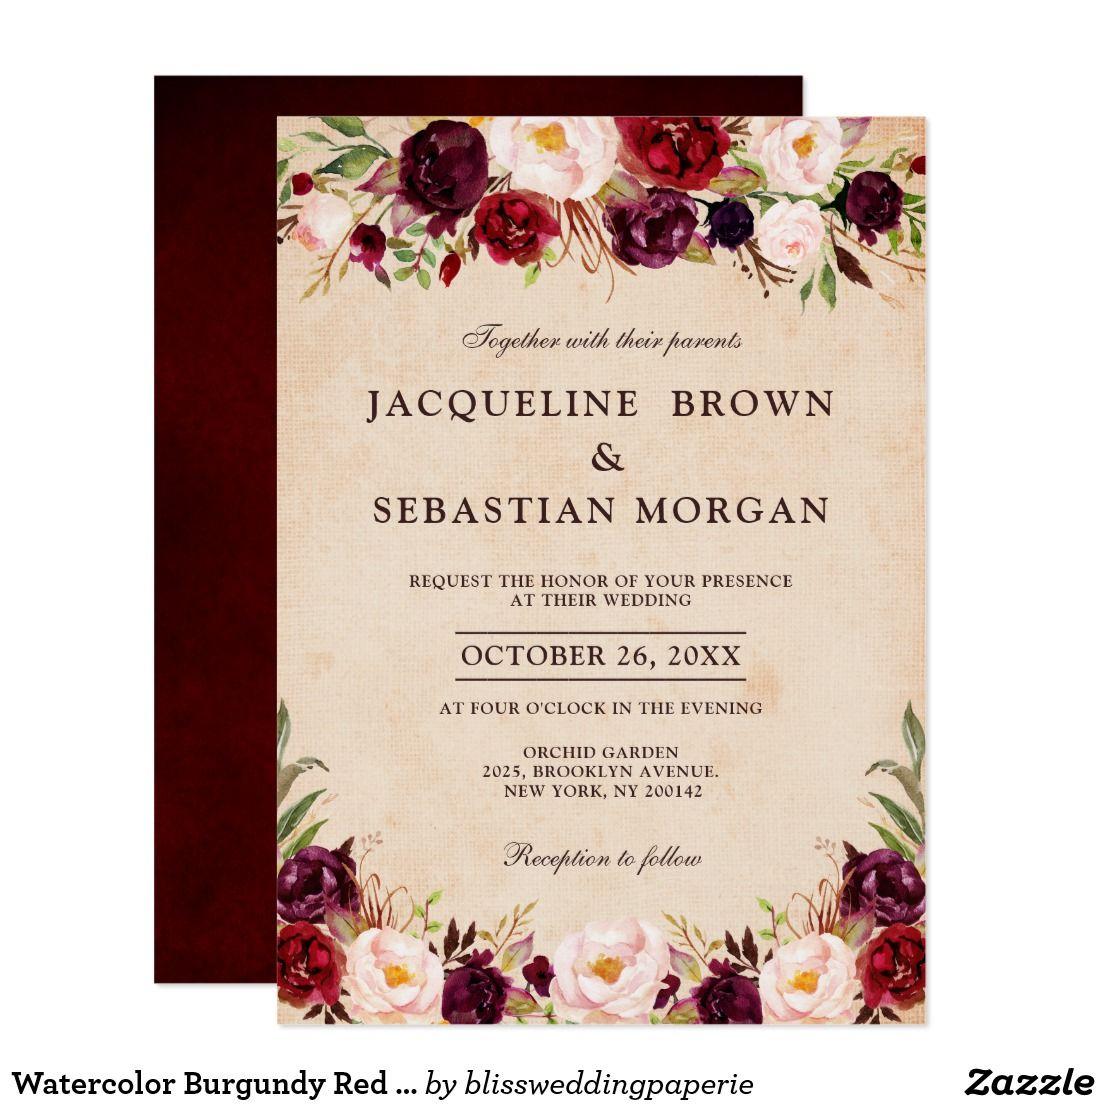 Watercolor Burgundy Red Floral Rustic Boho Burlap Invitation